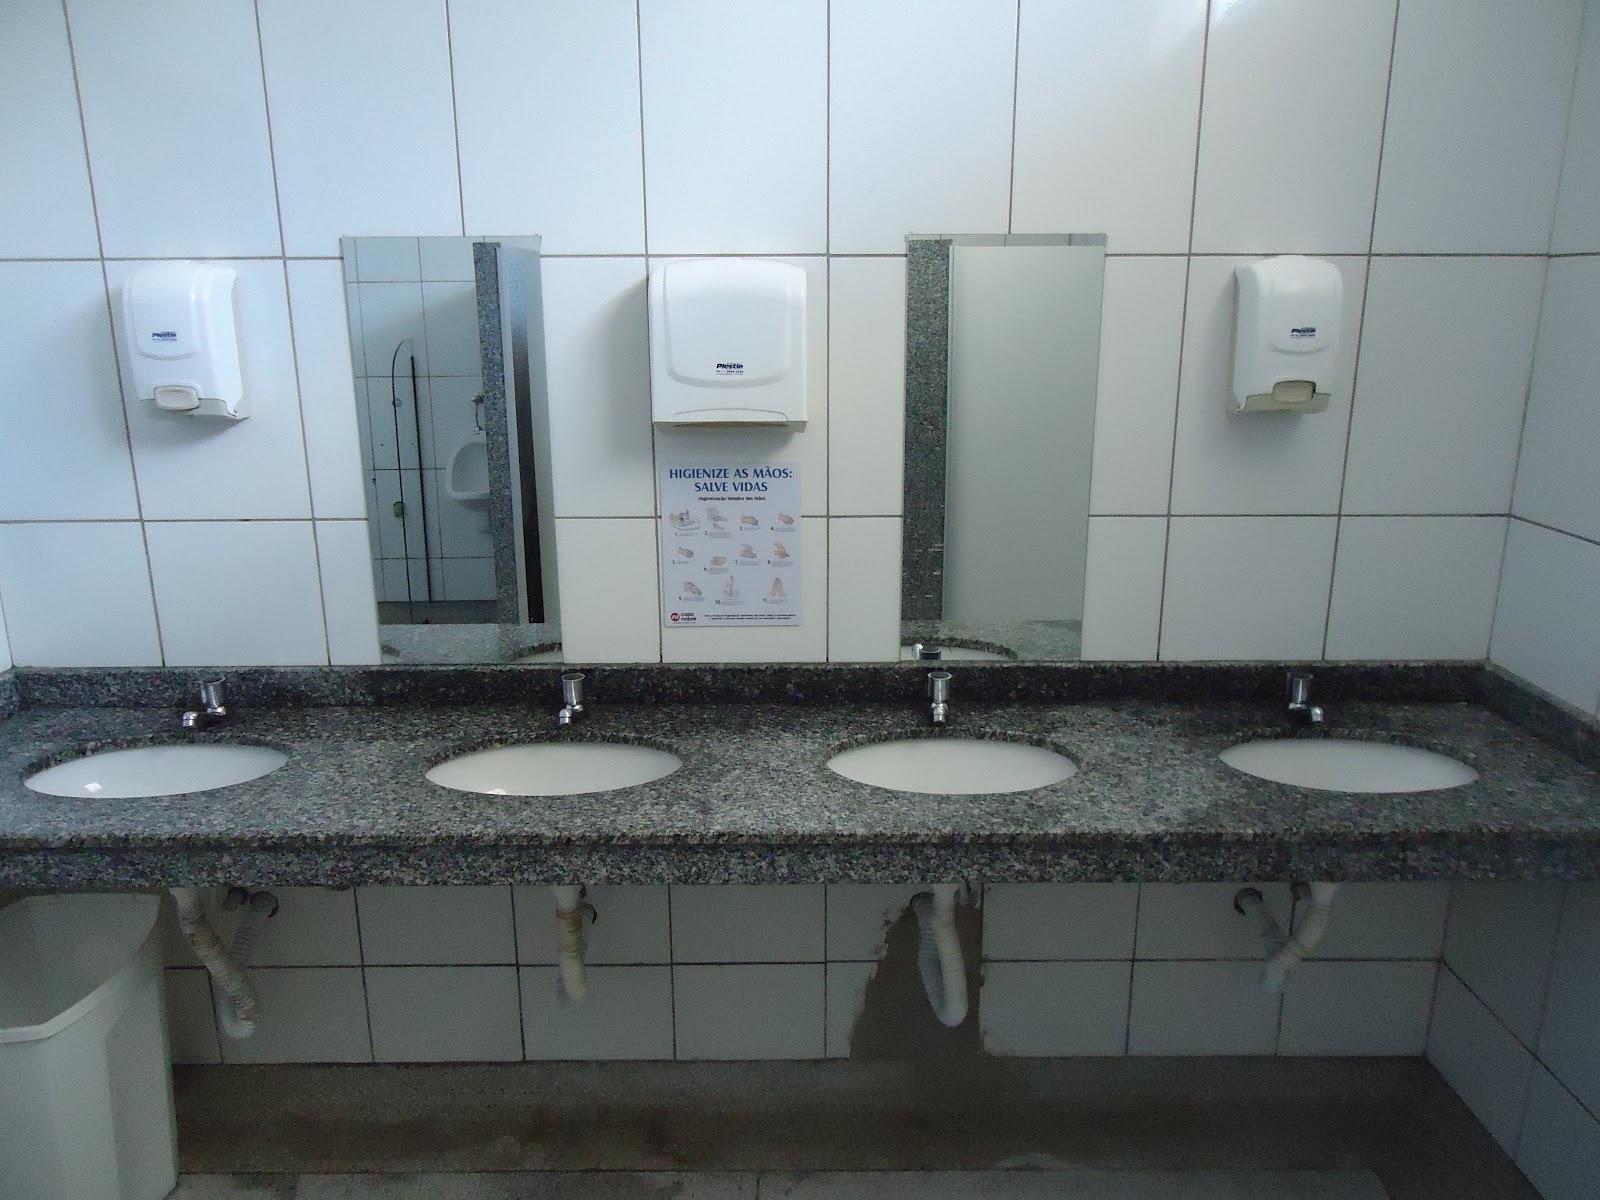 Banheiro Restaurante  homefiresafetykitcom banheiros com pastilhas -> Banheiro Feminino De Restaurante